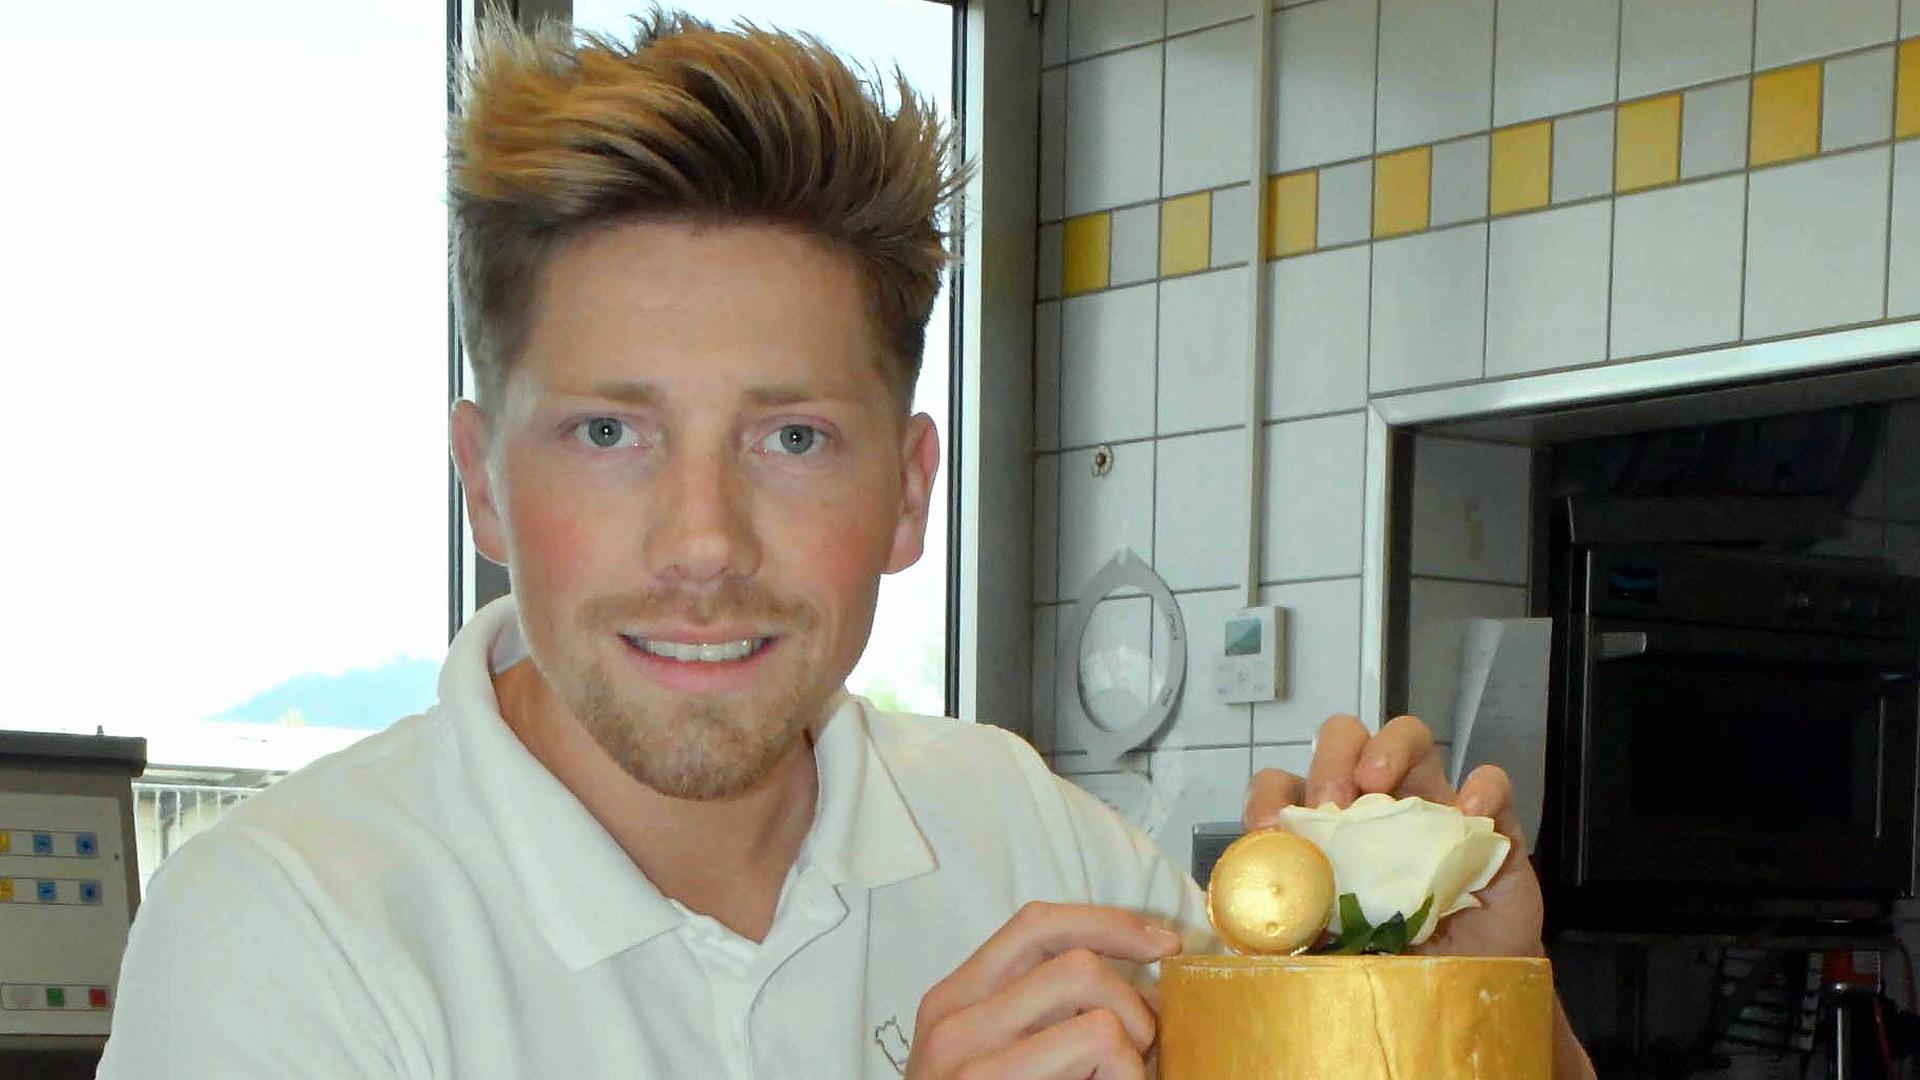 """Der junge Konditormeister Fabian Böckeler tritt bei der TV-Show """"Das große Backen"""" an."""